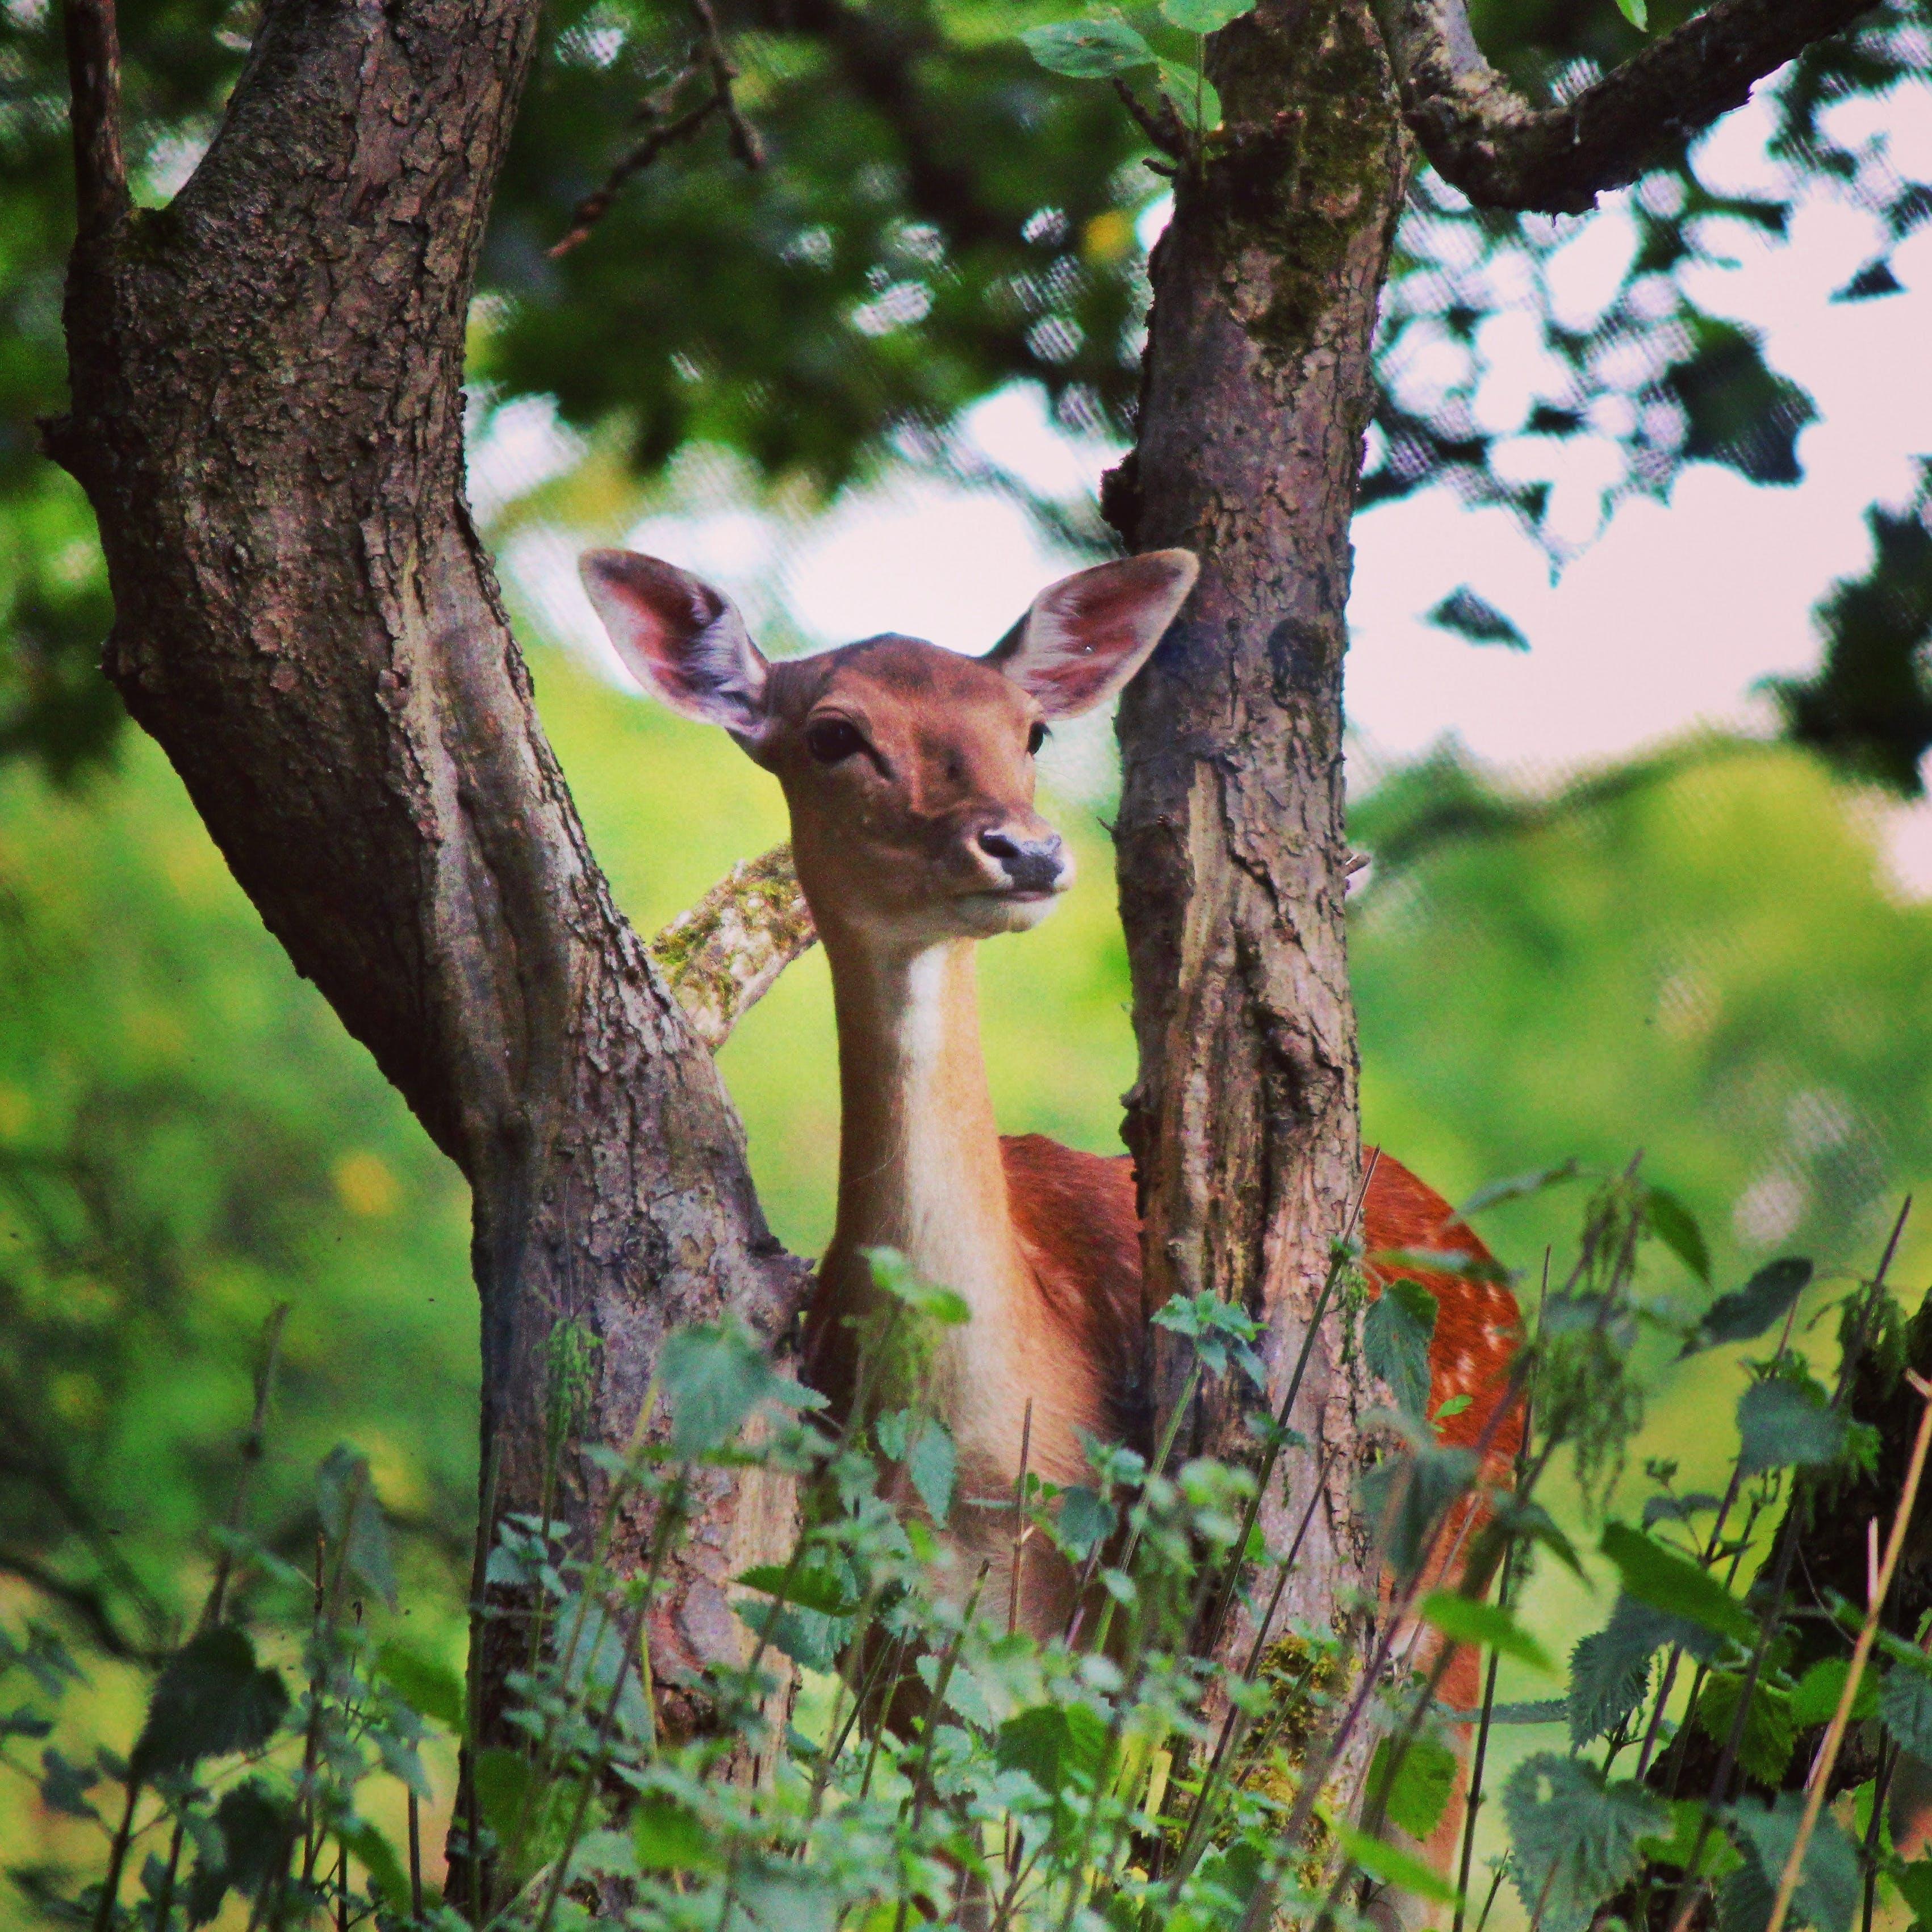 Free stock photo of #deer #doe #wildlife #nature #forest #cannockchase